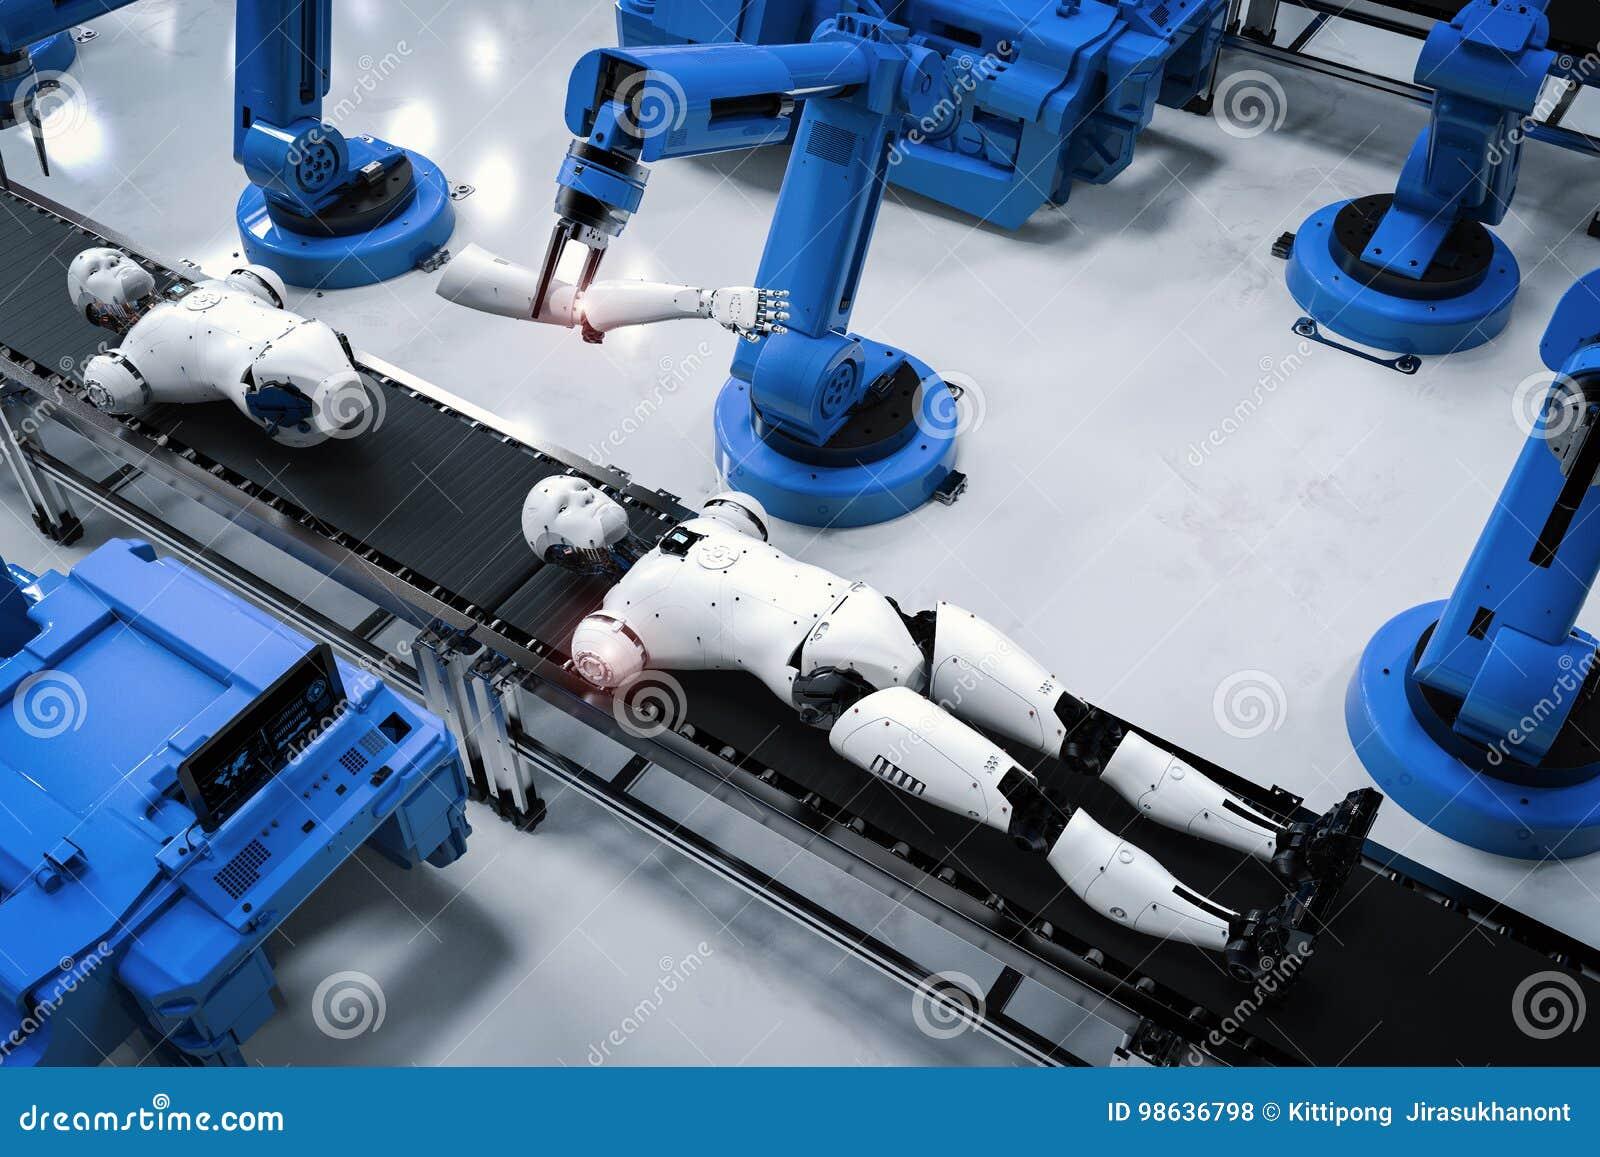 Робот конвейер для машин конвейер подвесной грузонесущий чертежи